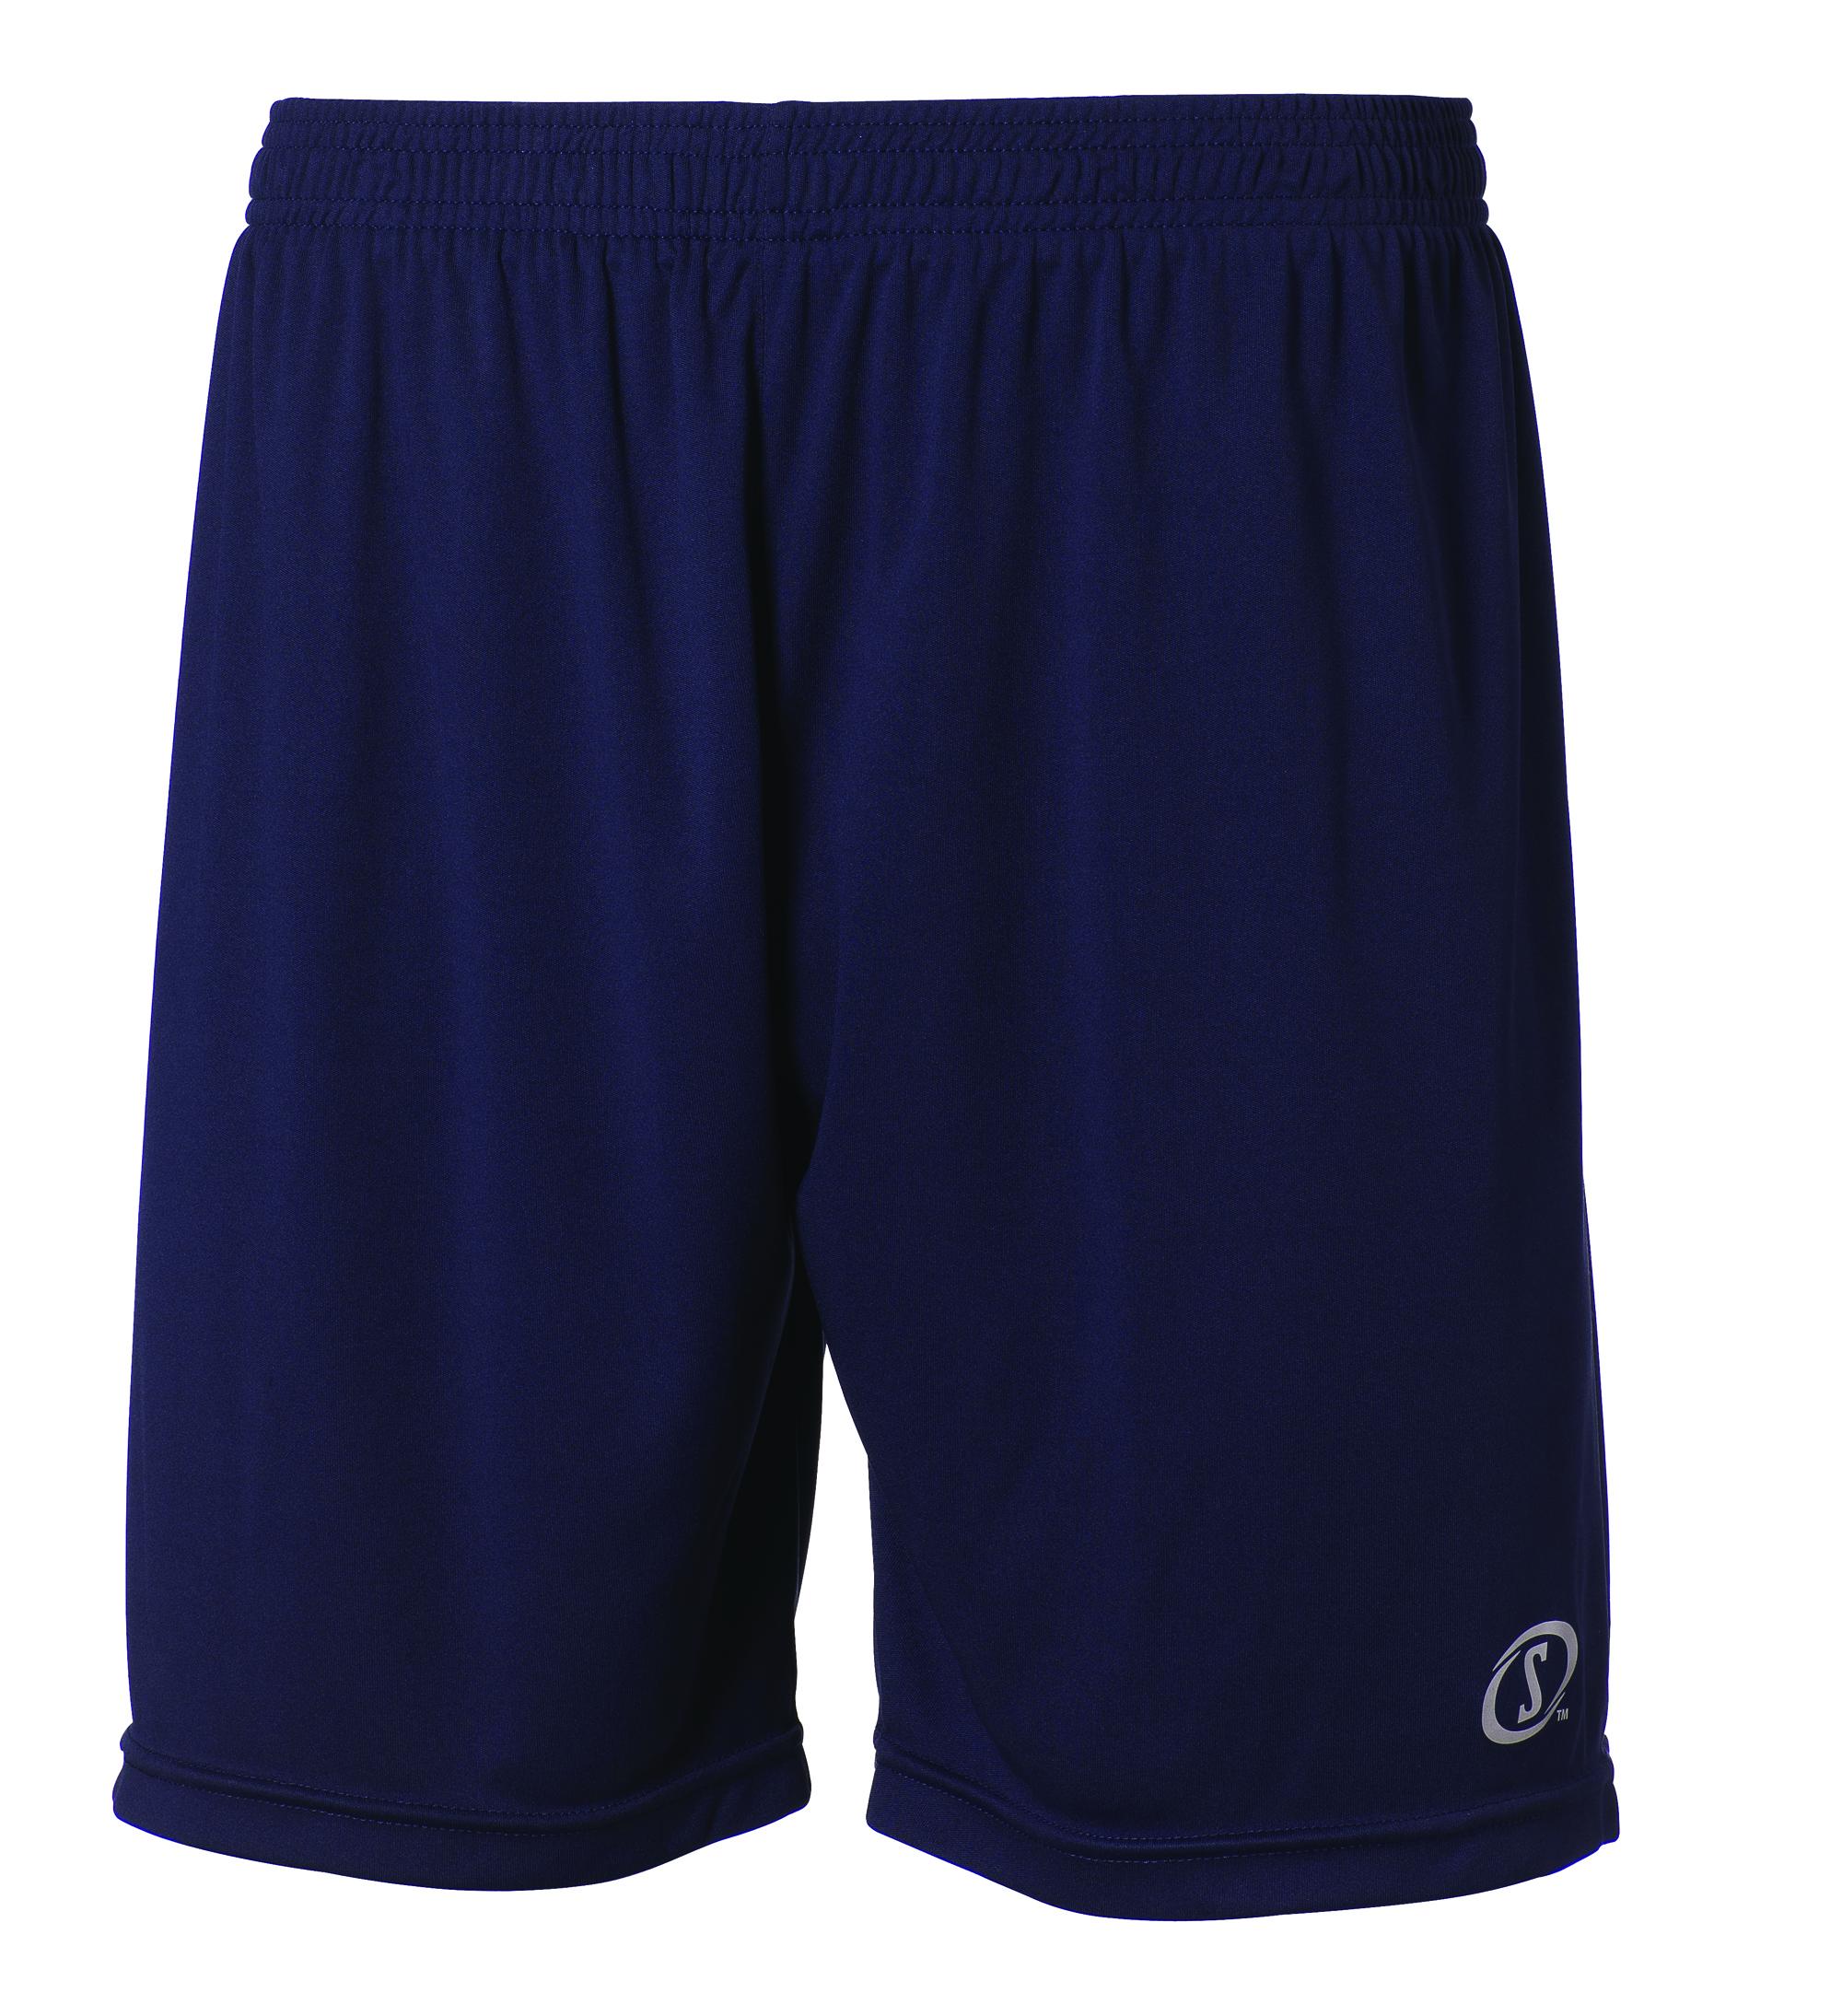 Core Training Shorts - Navy - S